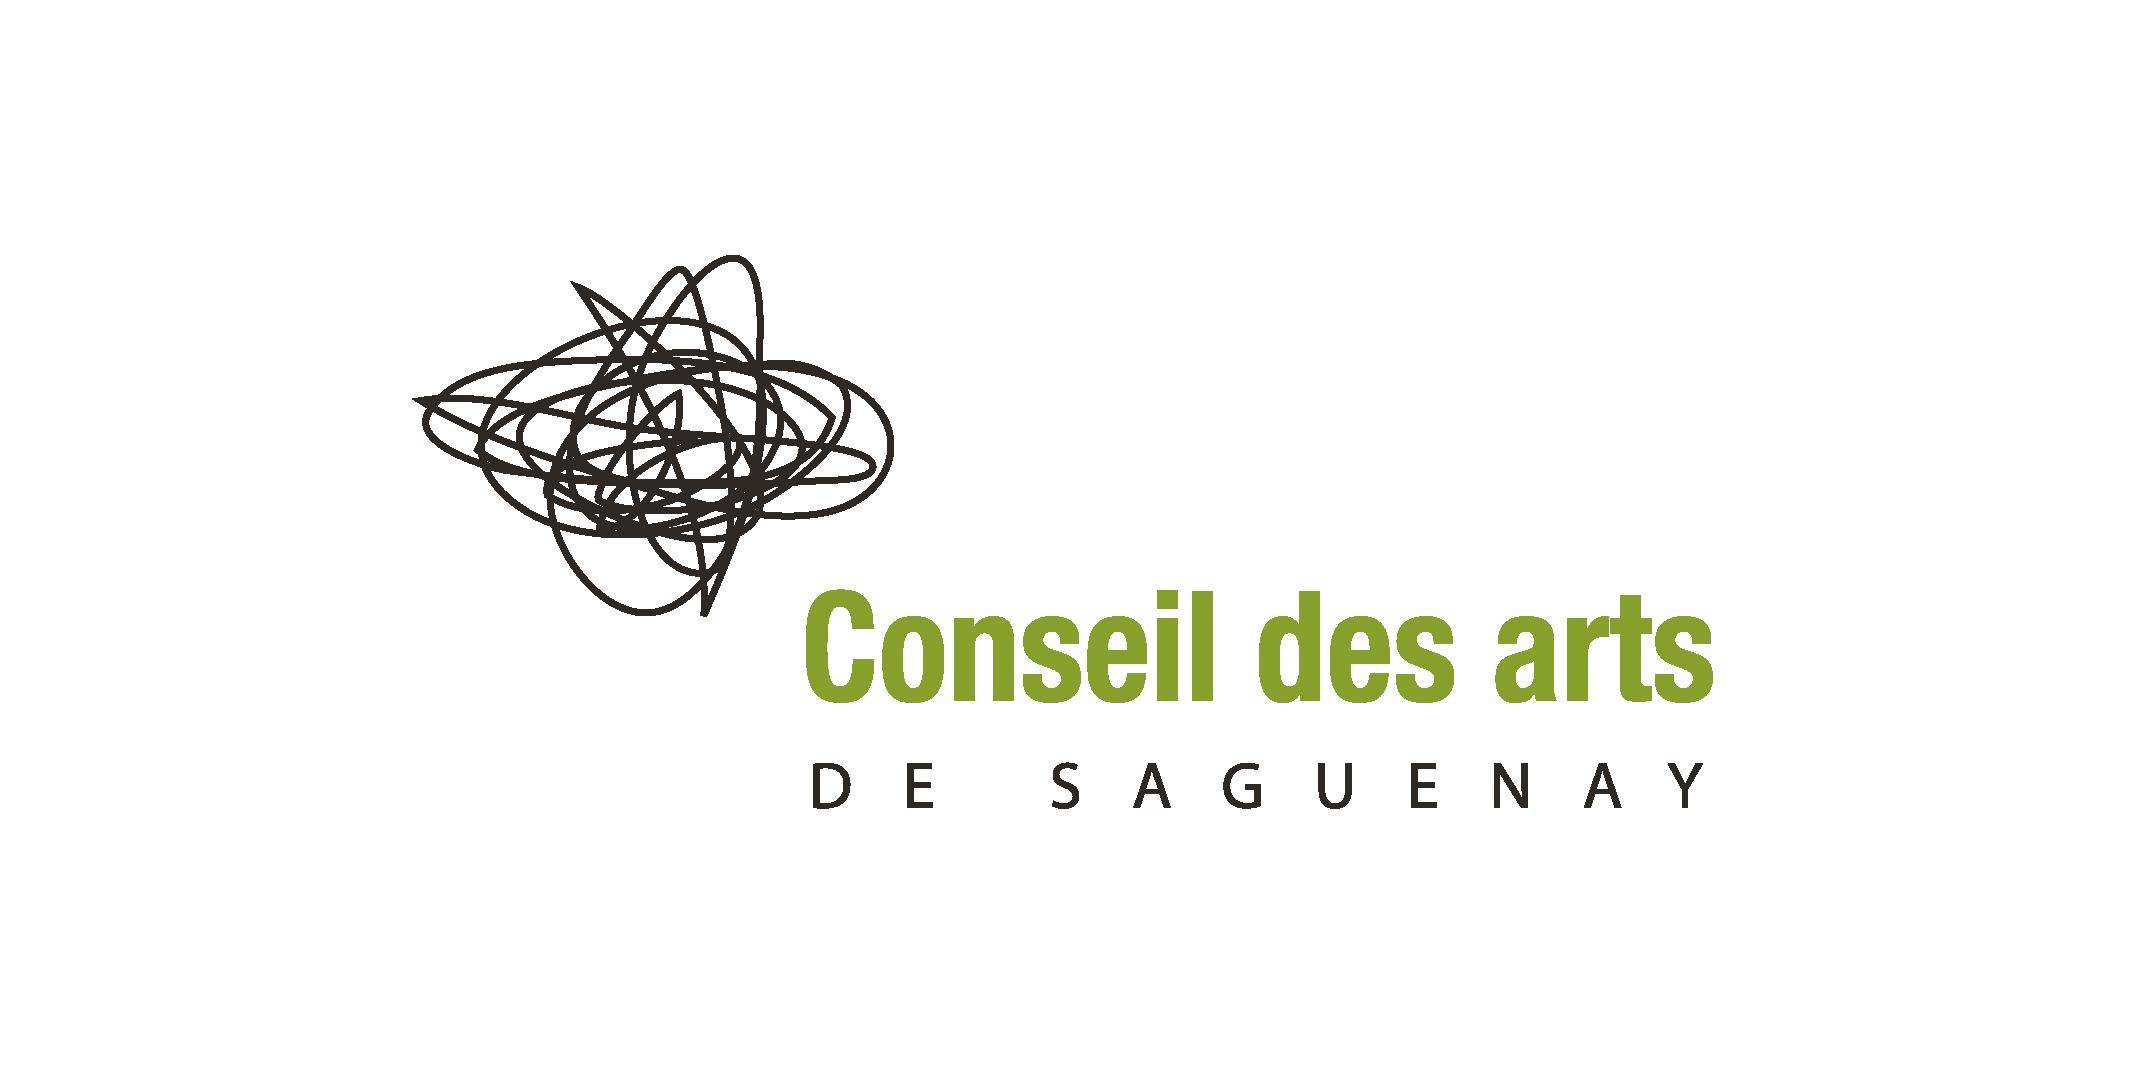 Conseil des arts du Saguenay